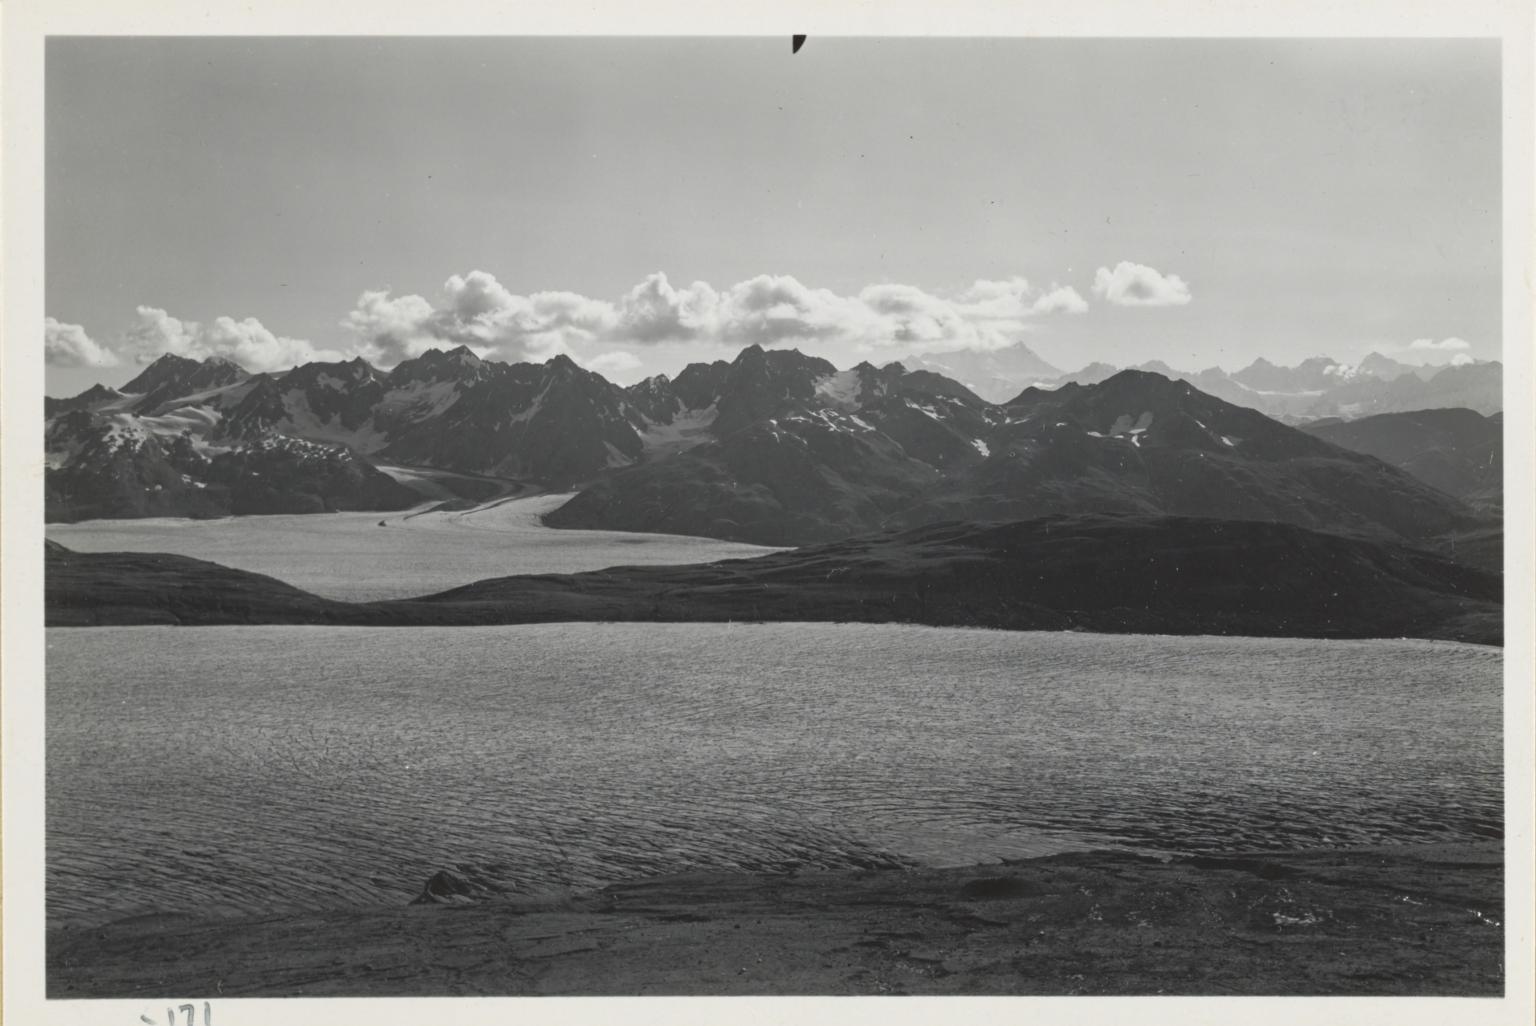 Burroughs Glacier, Alaska